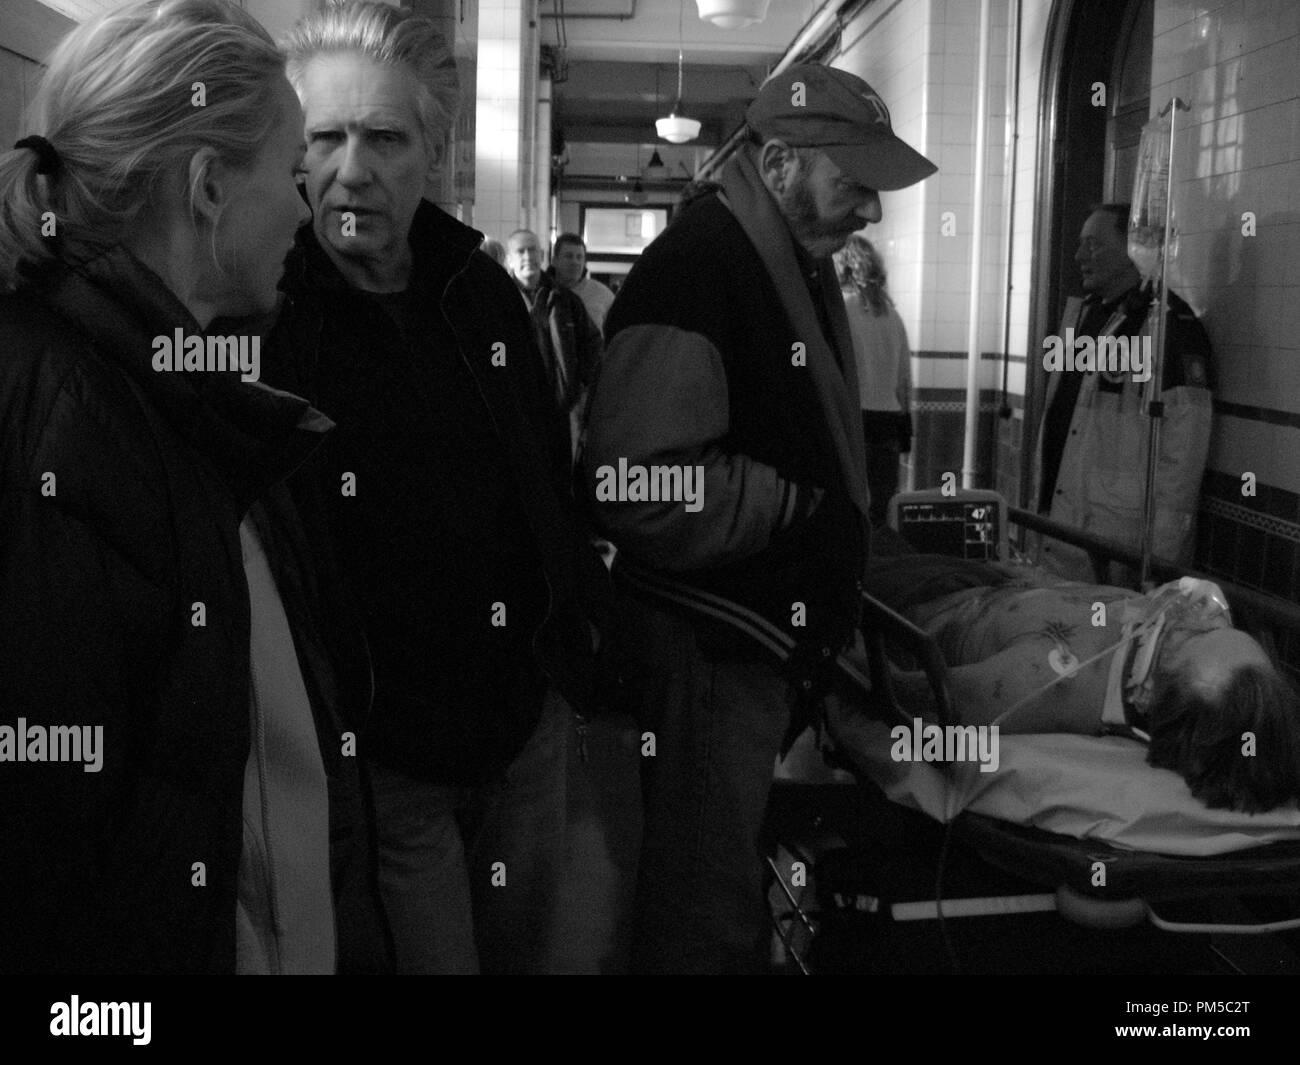 Publicité studio de l'est encore 'promesses' réalisateur David Cronenberg © 2007 Focus Crédit Photo: Peter Mountain Référence de dossier # 30738872THA pour un usage éditorial uniquement - Tous droits réservés Banque D'Images